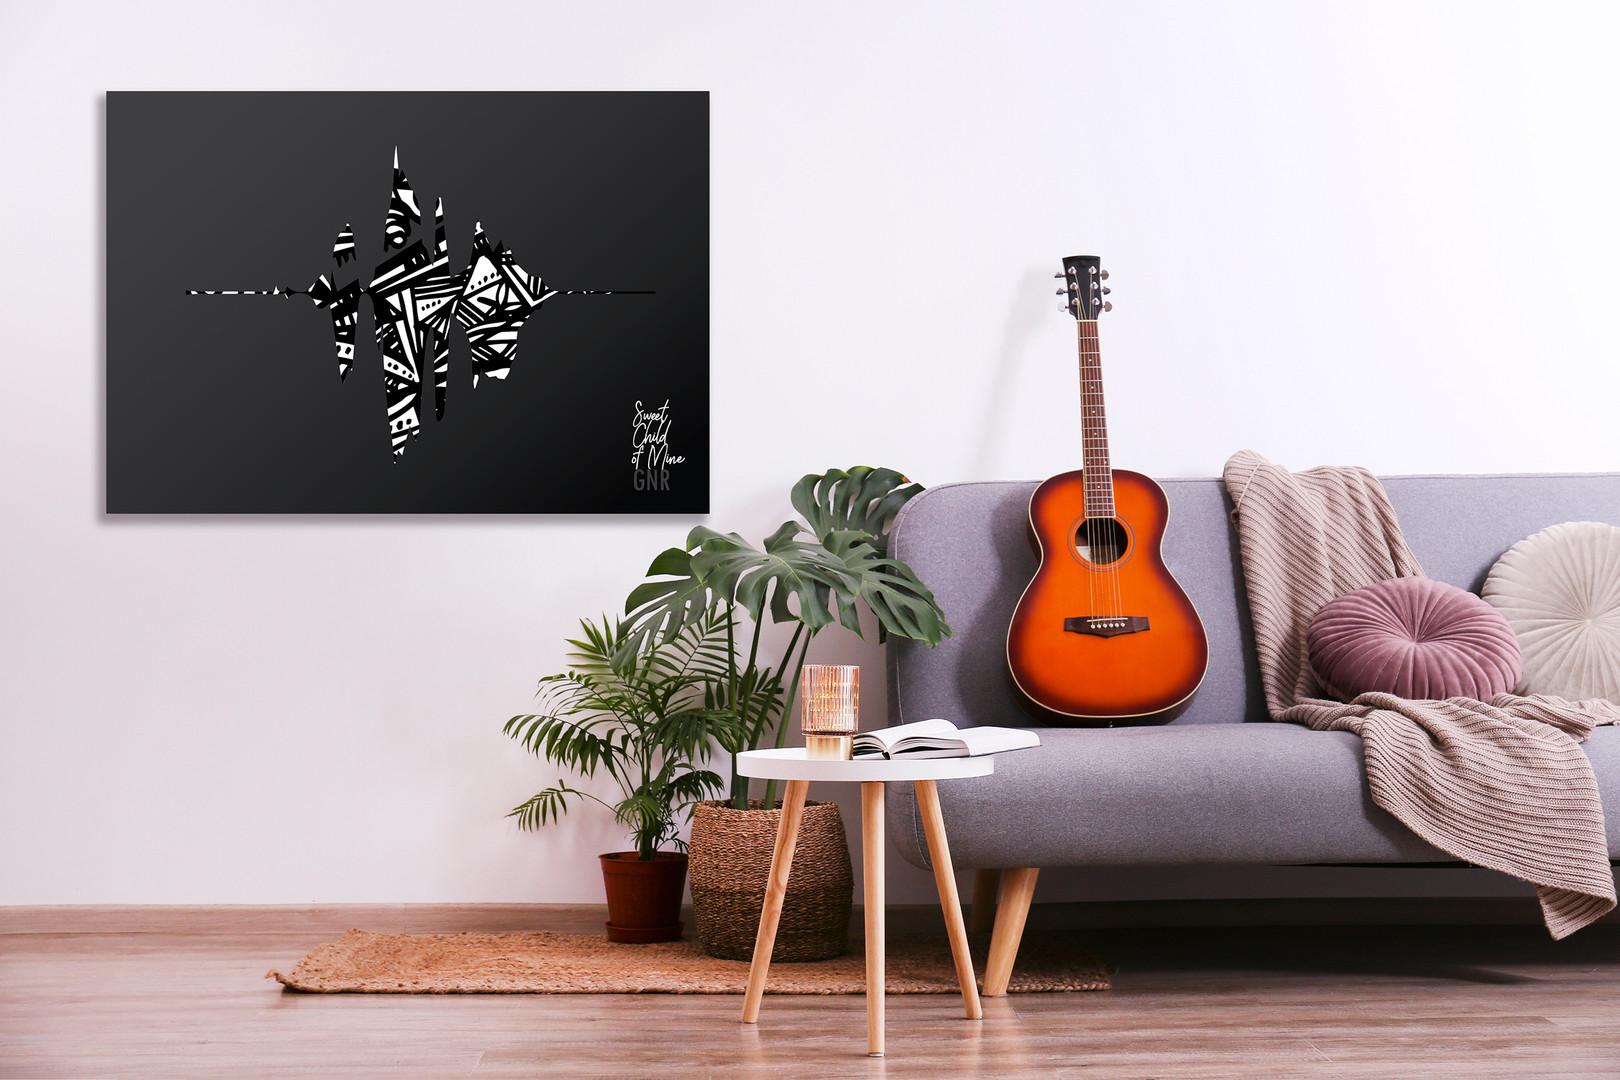 kitara_dnevna_najzvok.jpg